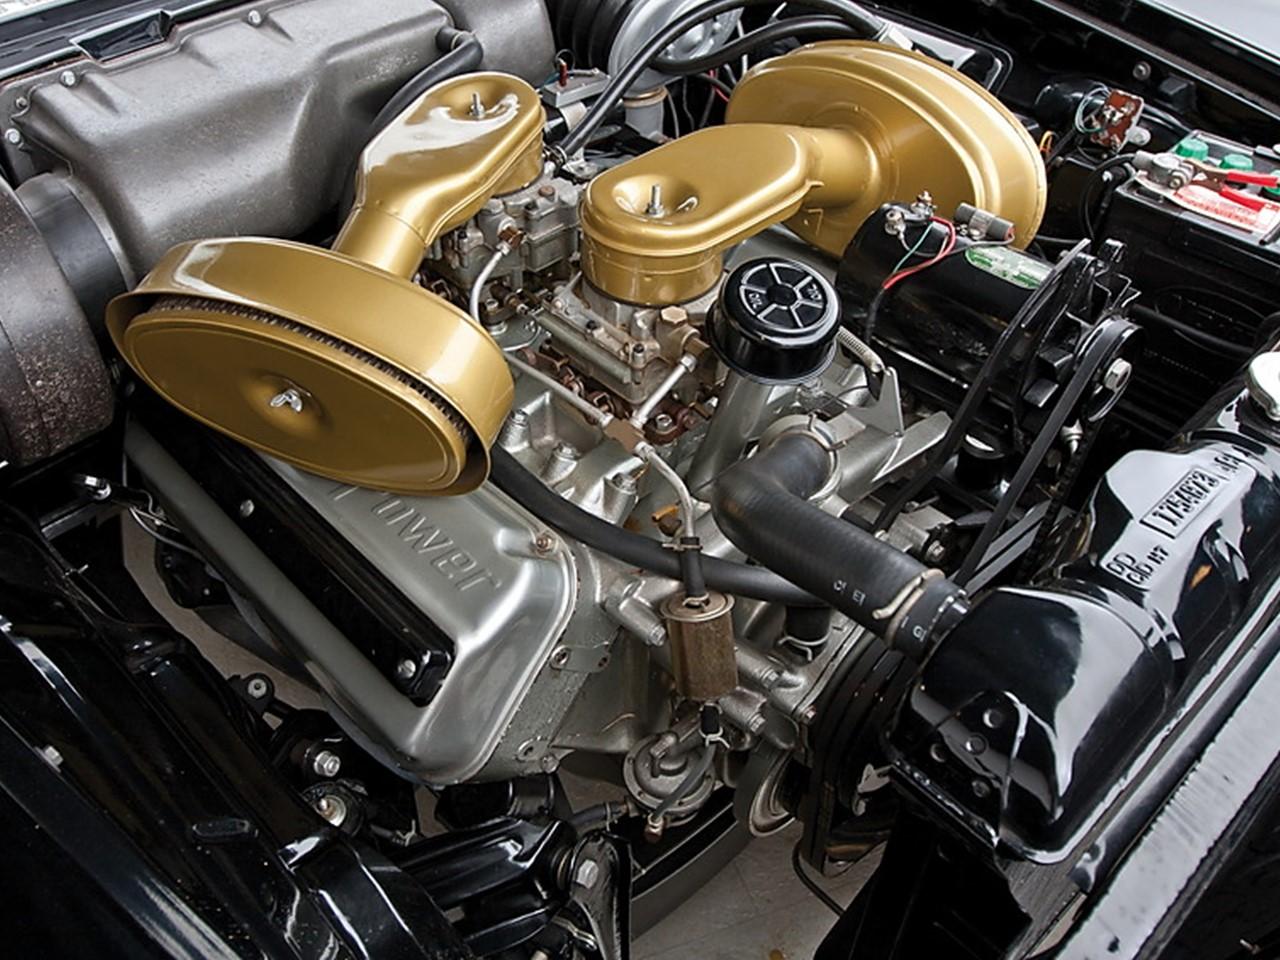 392 CID V8 Hemi 2